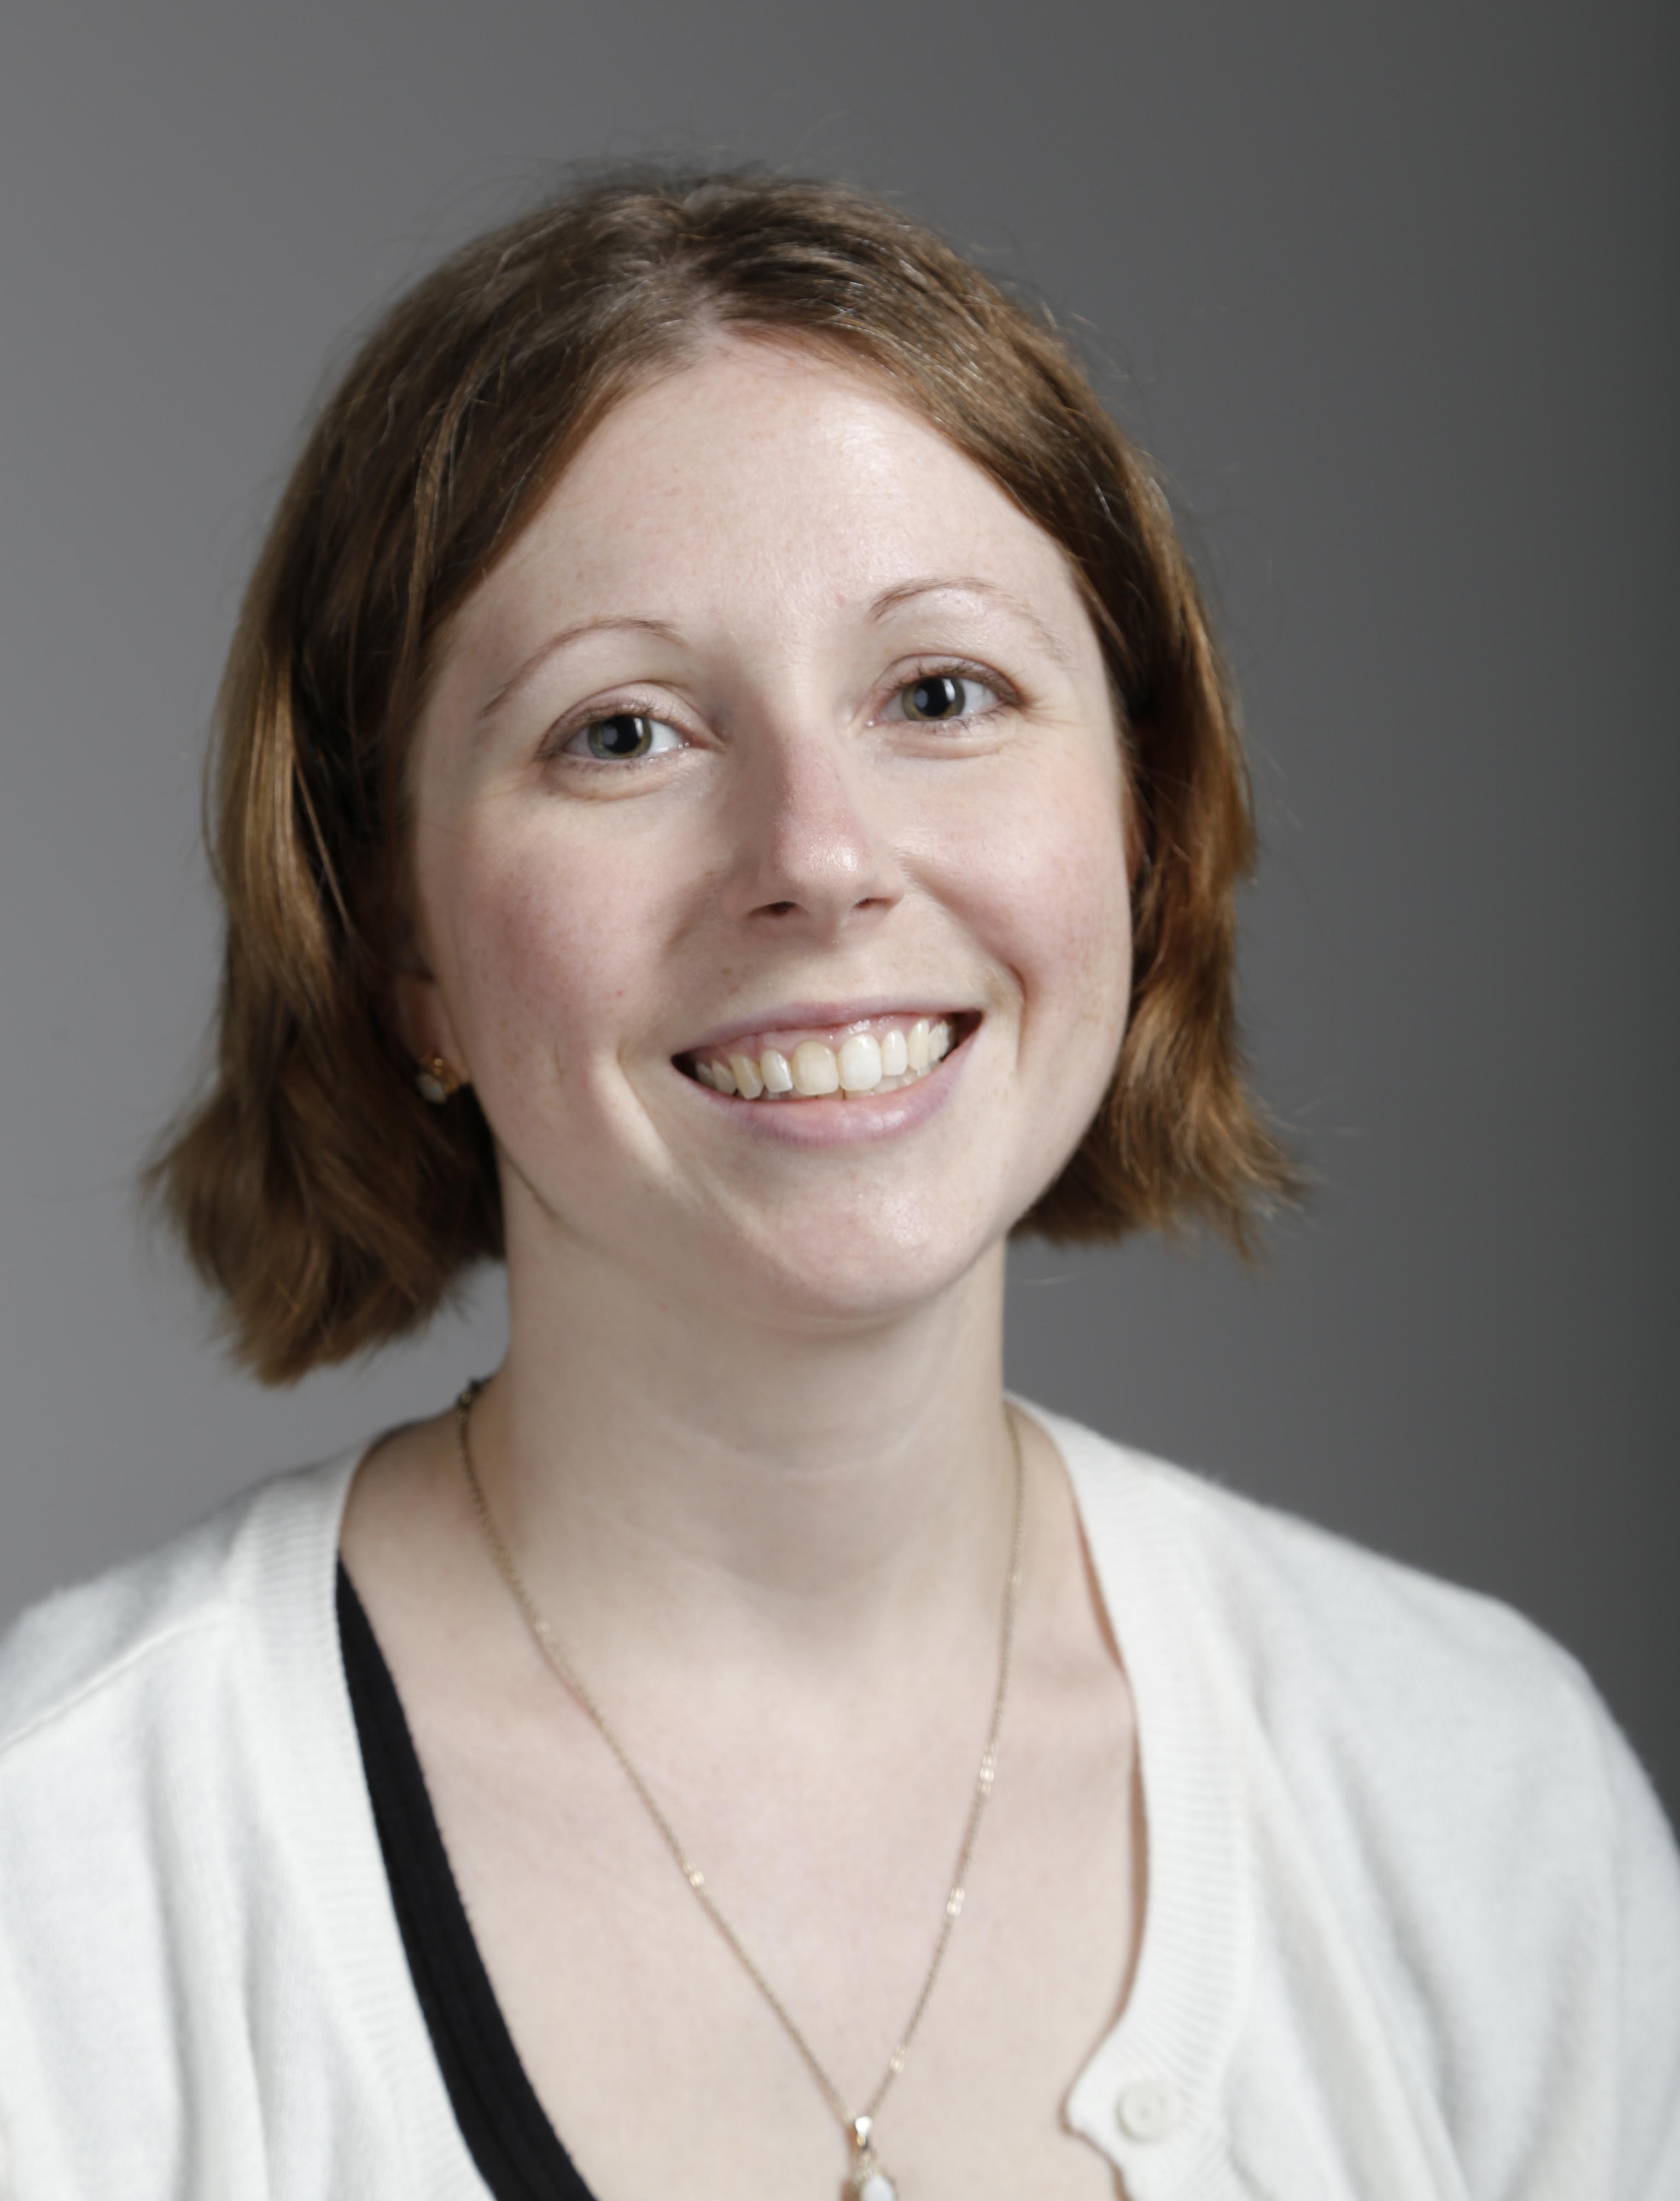 Meg Wingerter